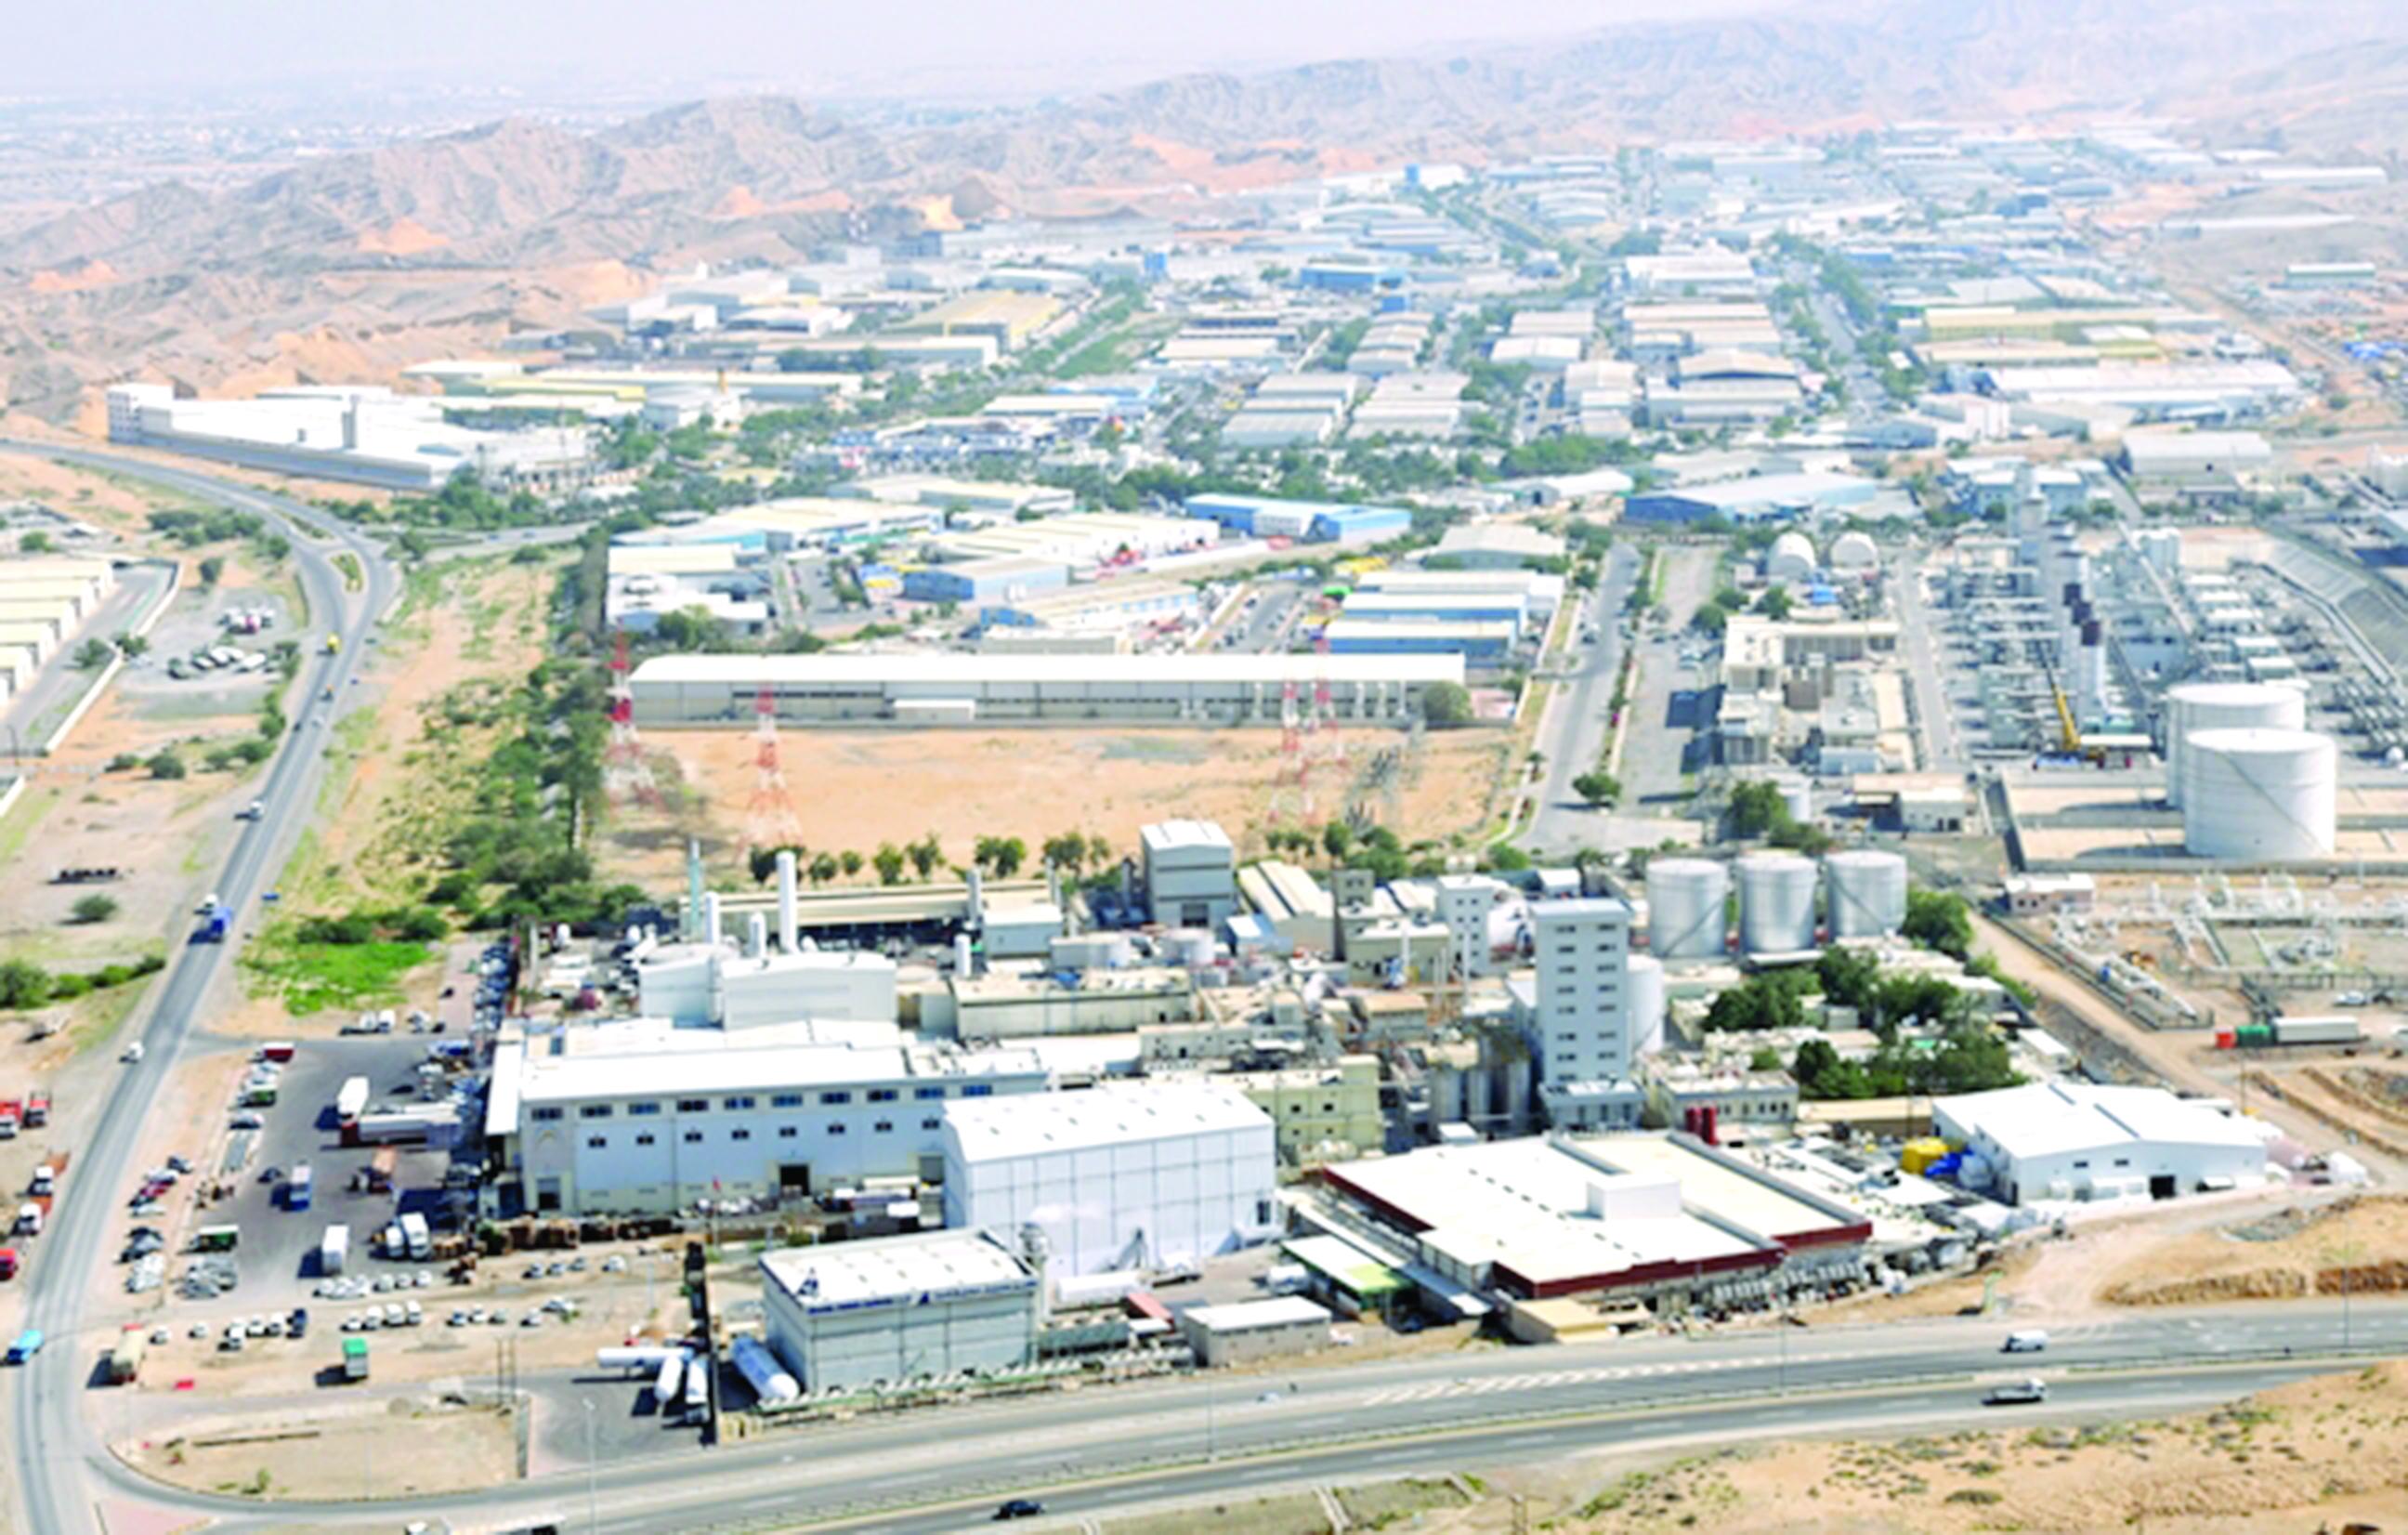 رئيس الاتحاد العربي لتنمية الصادرات الصناعية لـ»الشبيبة»الاقتصاد العماني يخطو بتوازن نحو التنويع